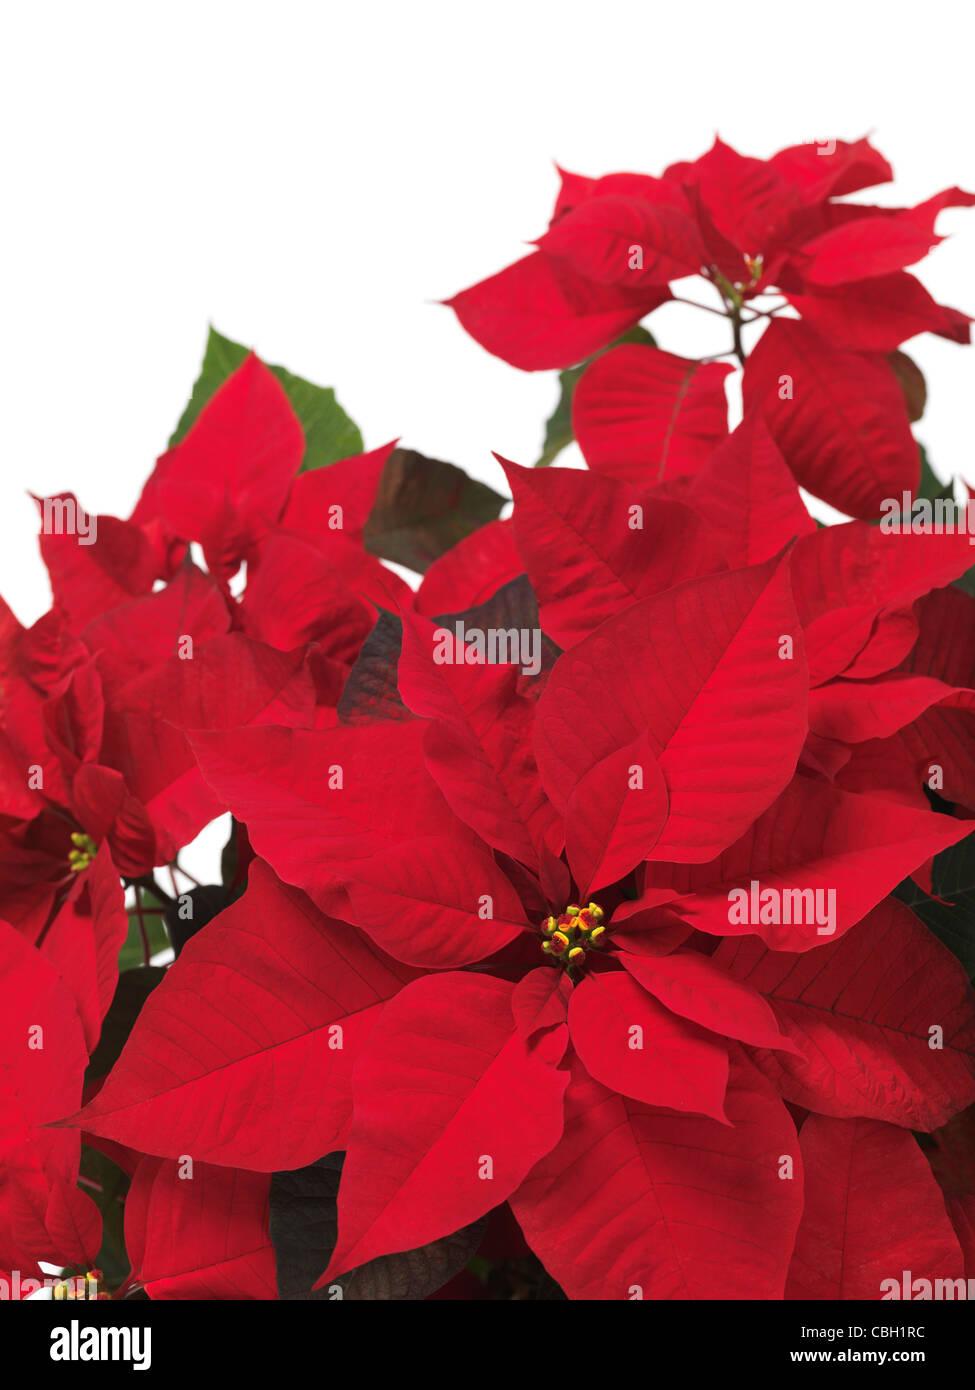 Weihnachtsstern - Blätter rot Weihnachten Blume auf weißem ...